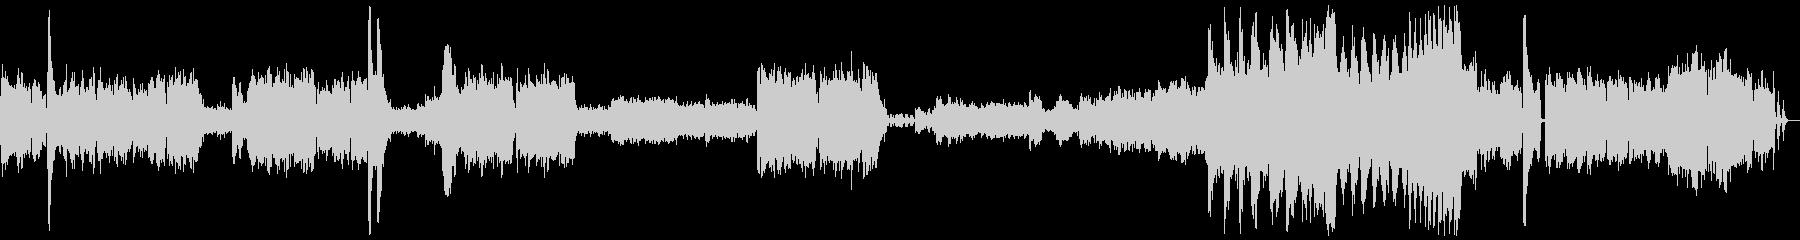 和風の幻想的な楽曲の未再生の波形